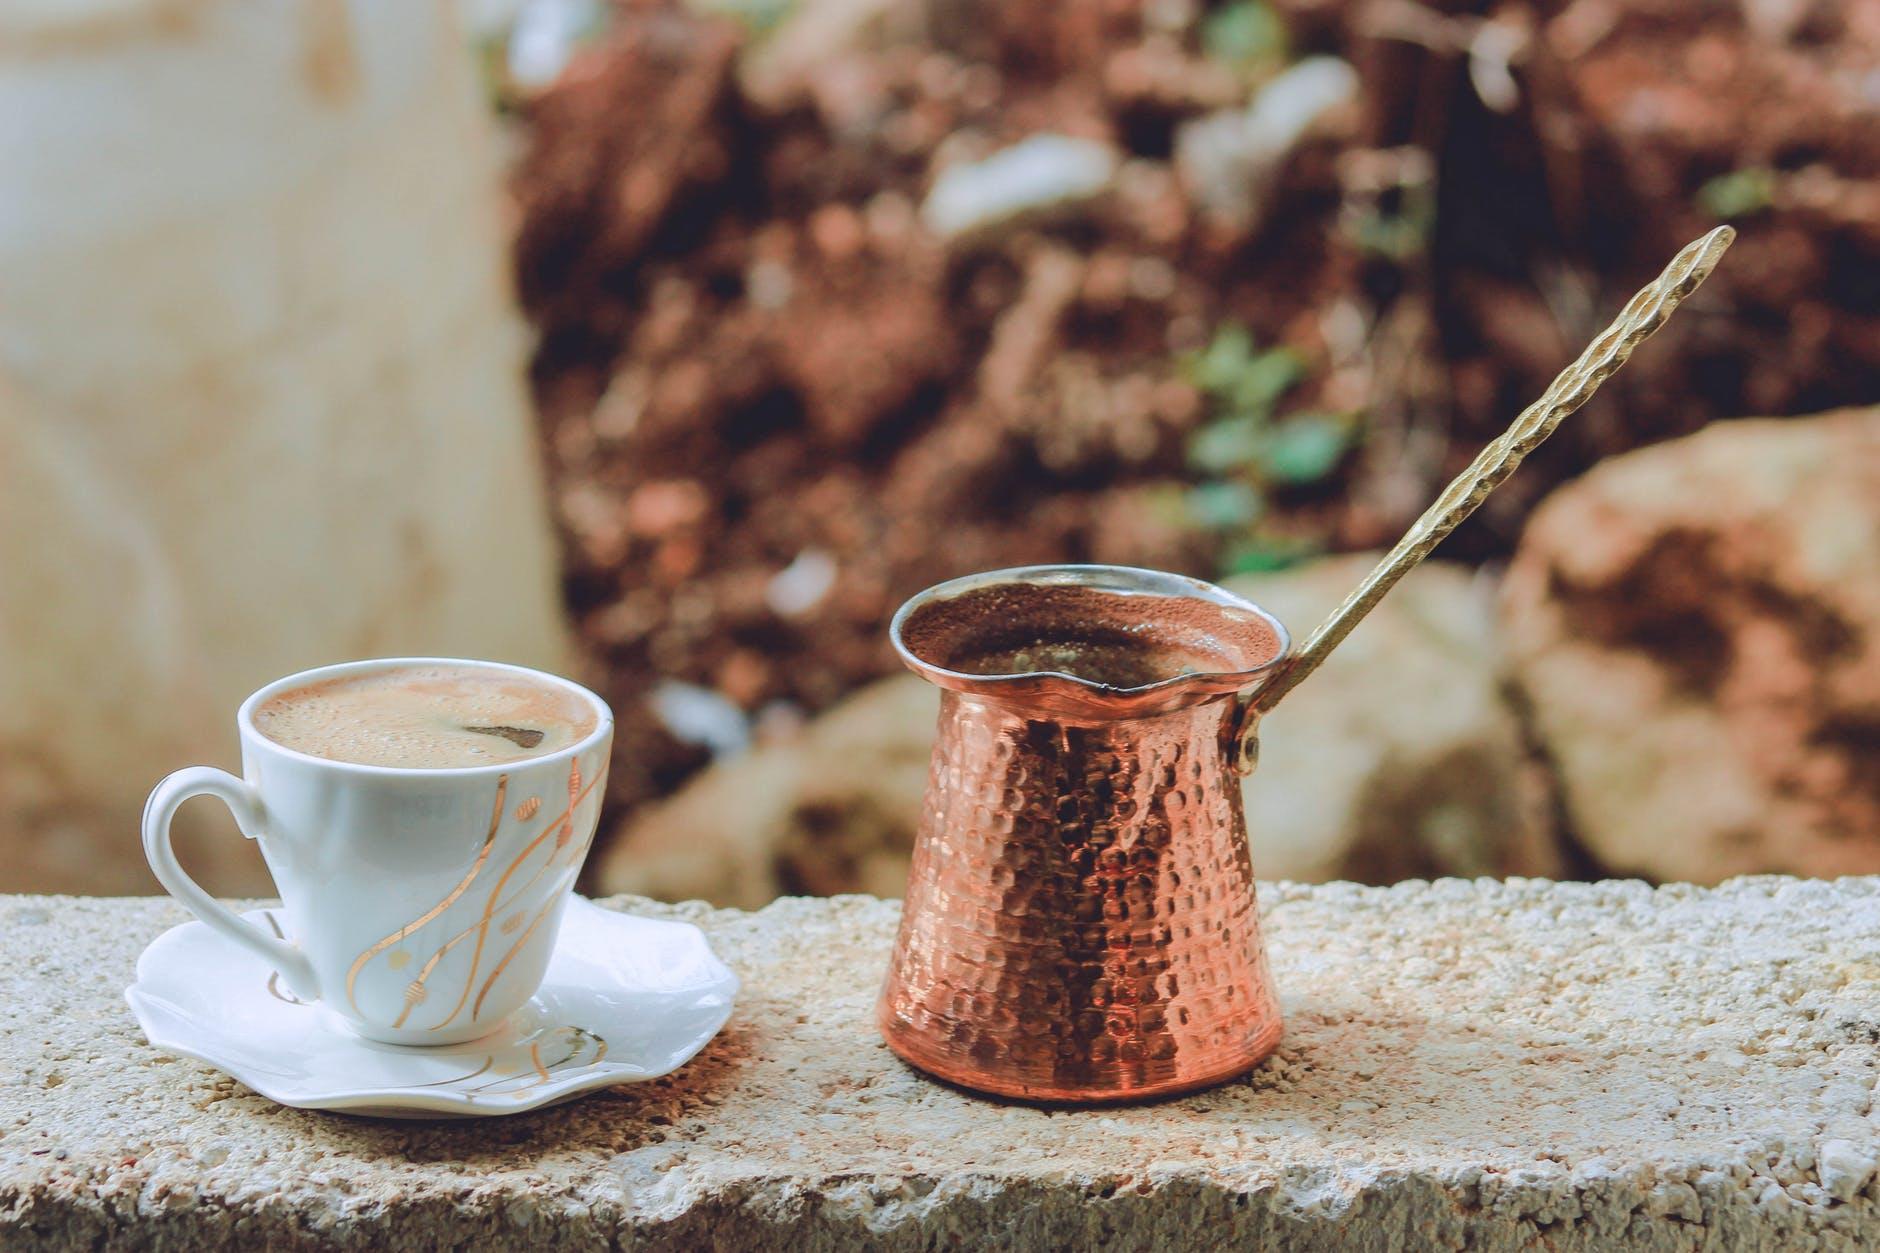 Adevărul despre cafea. Mihaela Bilic: Încetinește golirea stomacului!